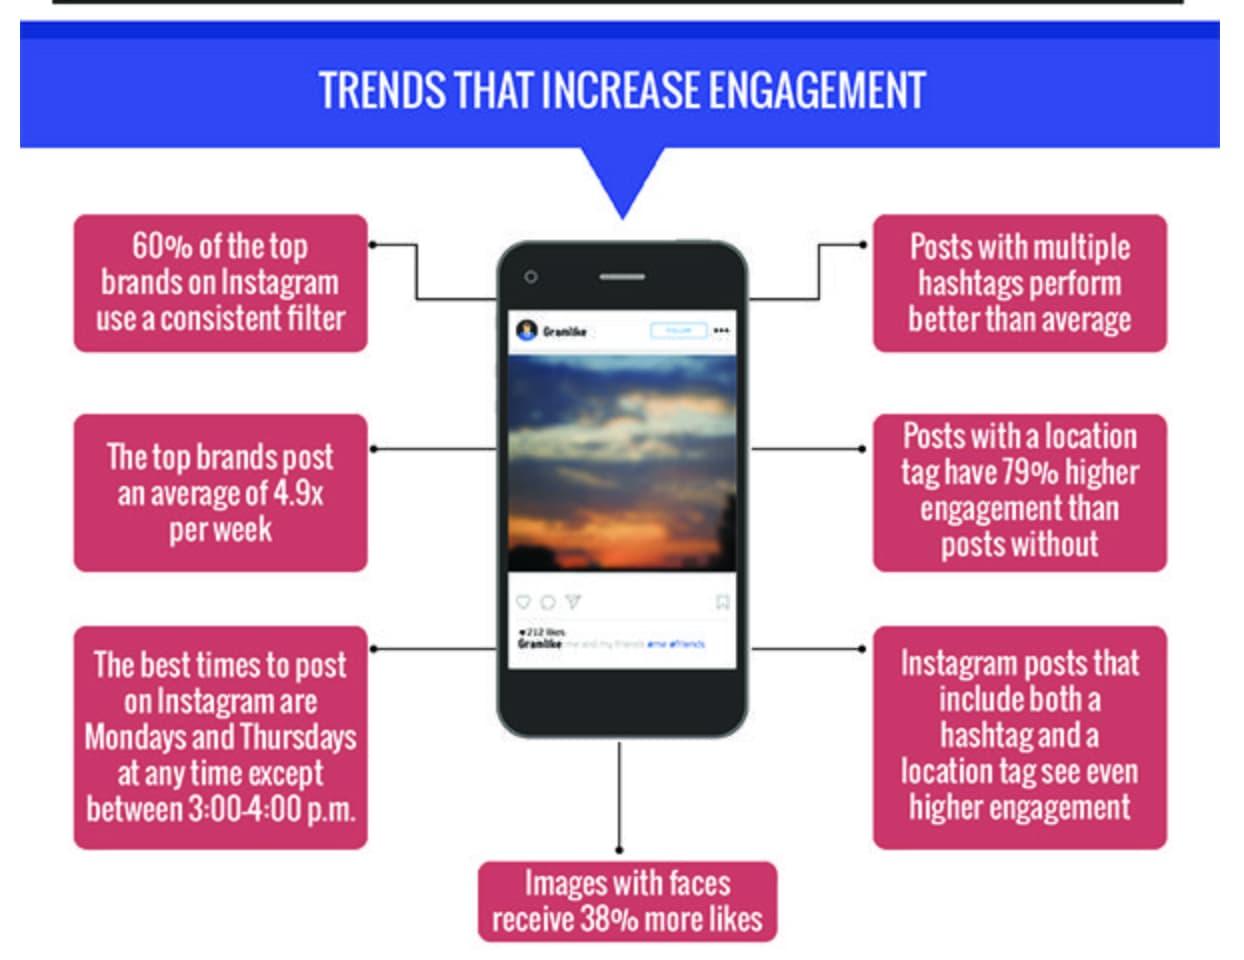 Tendances qui augmentent l'engagement sur Instagram